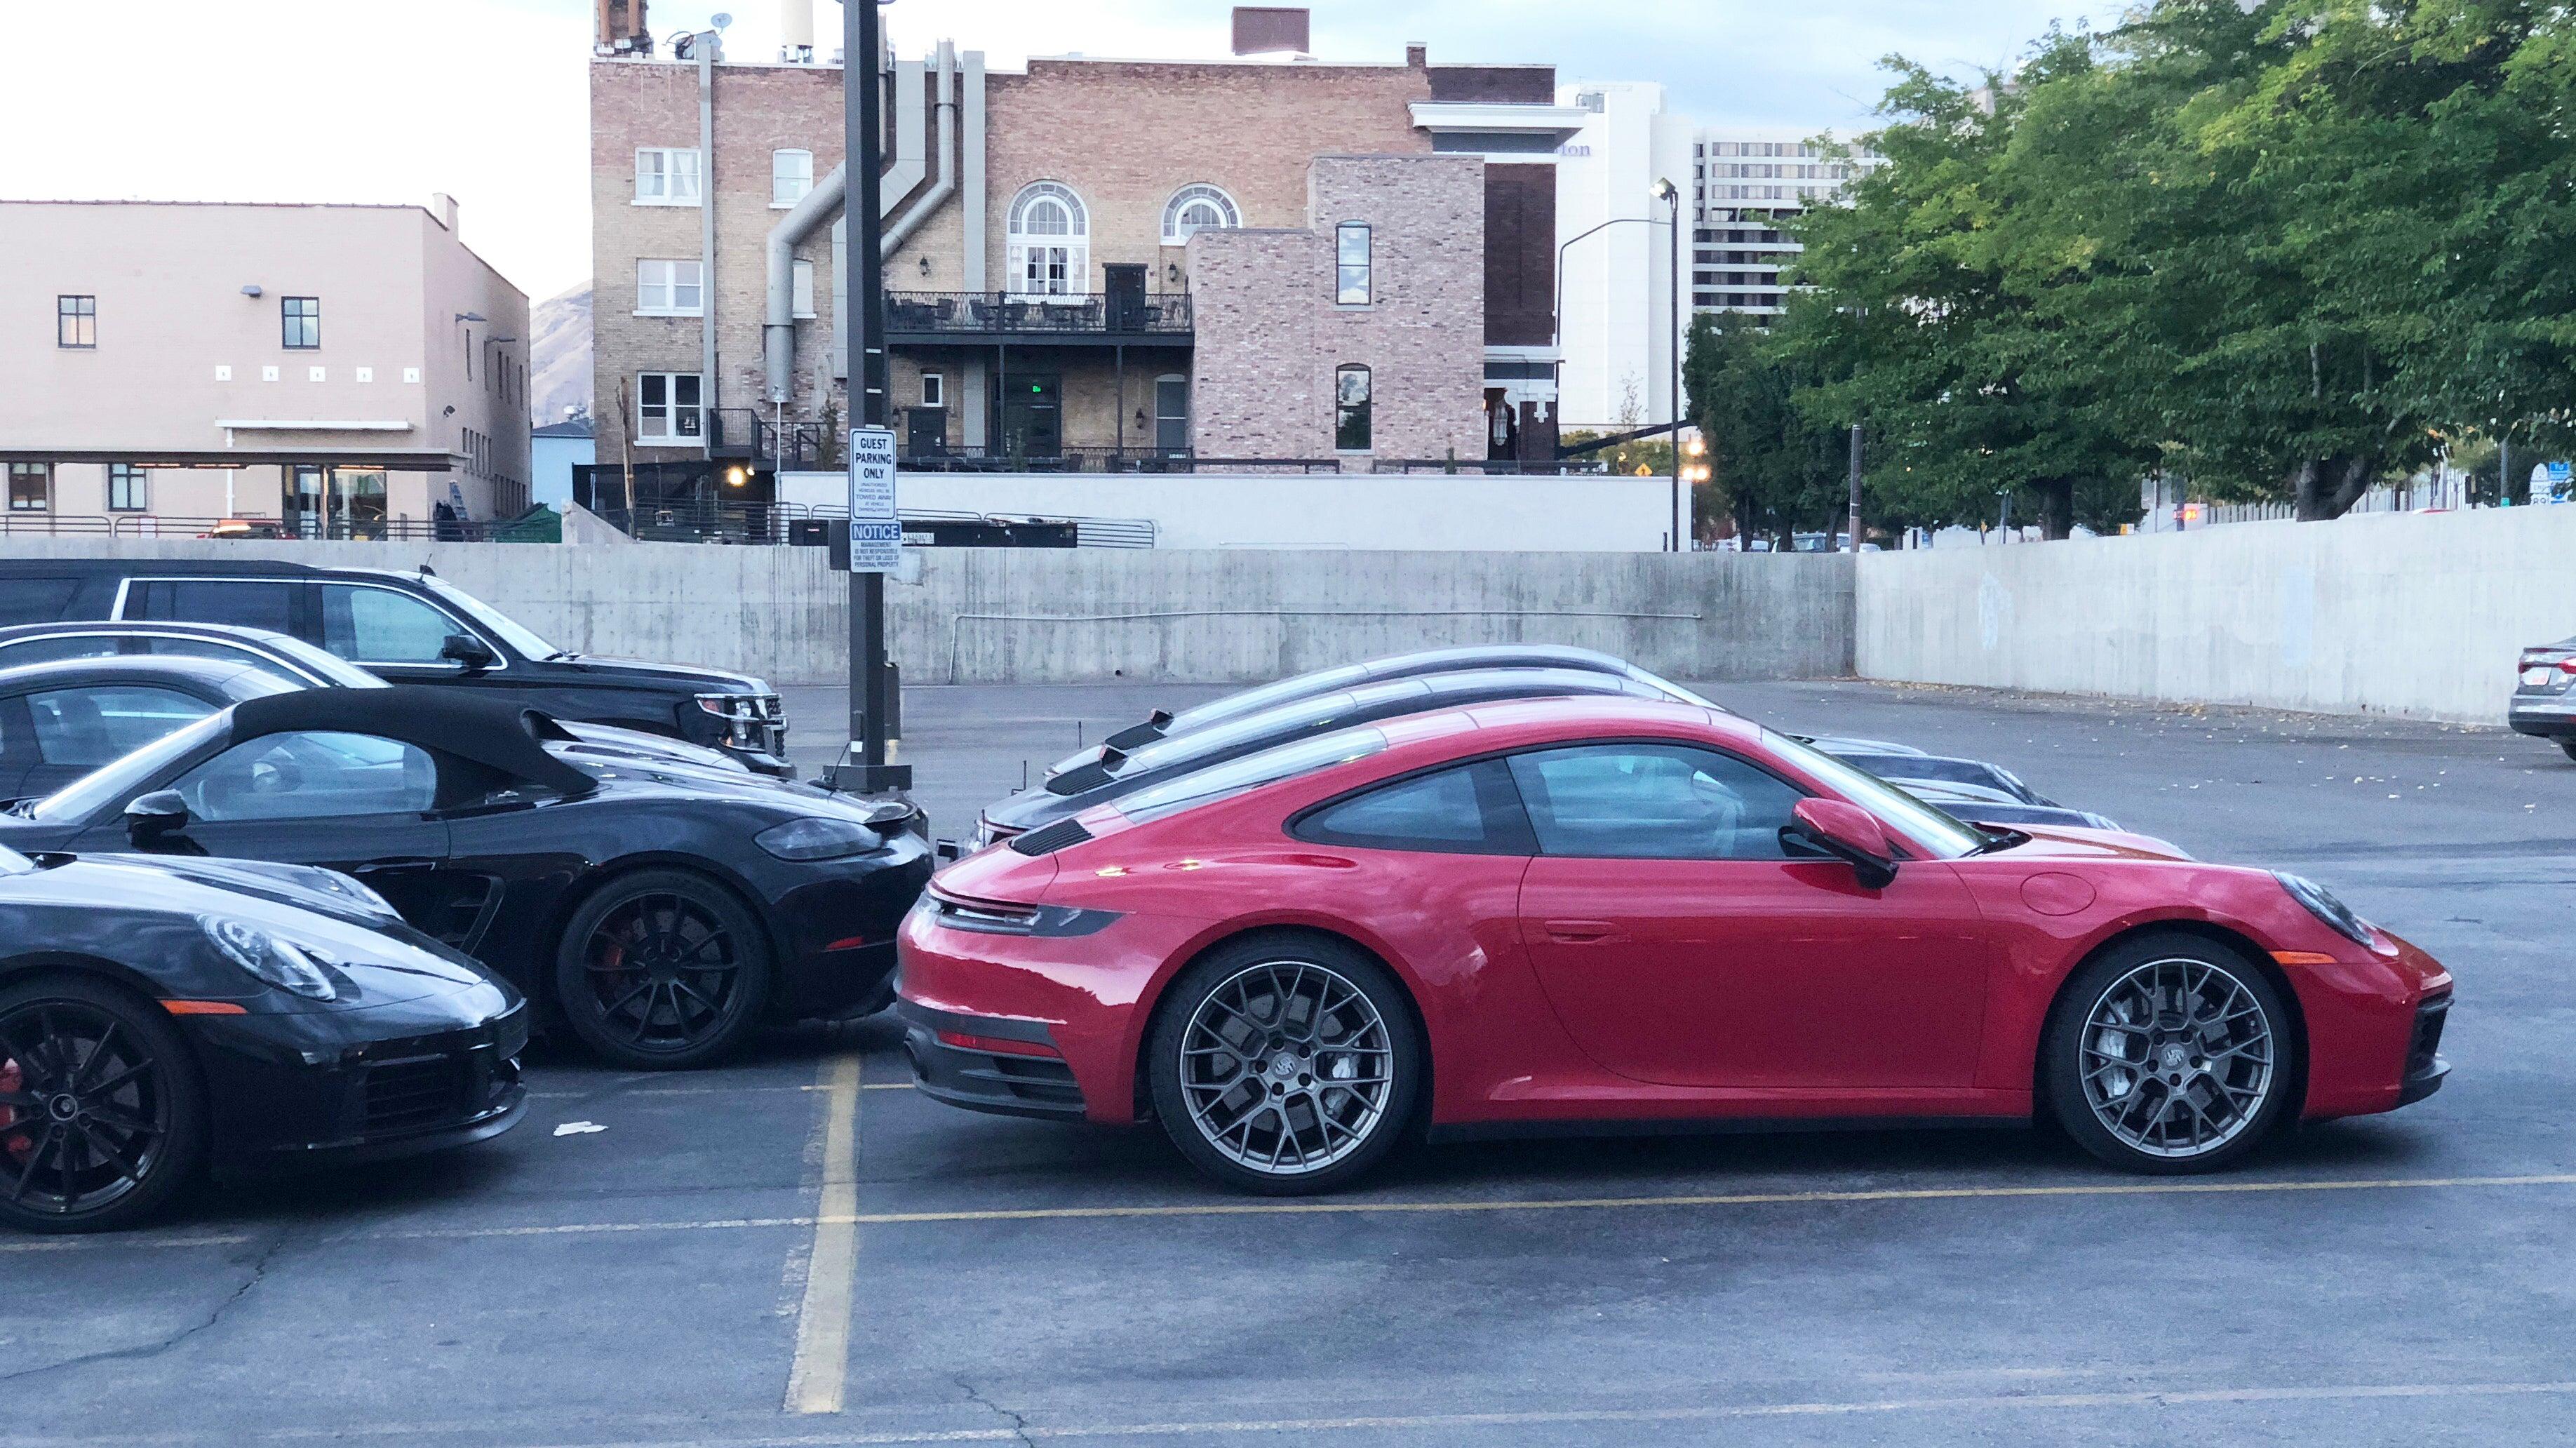 2018 - [Porsche] 911 - Page 9 Mwnr1pknkqkb5vhmiani